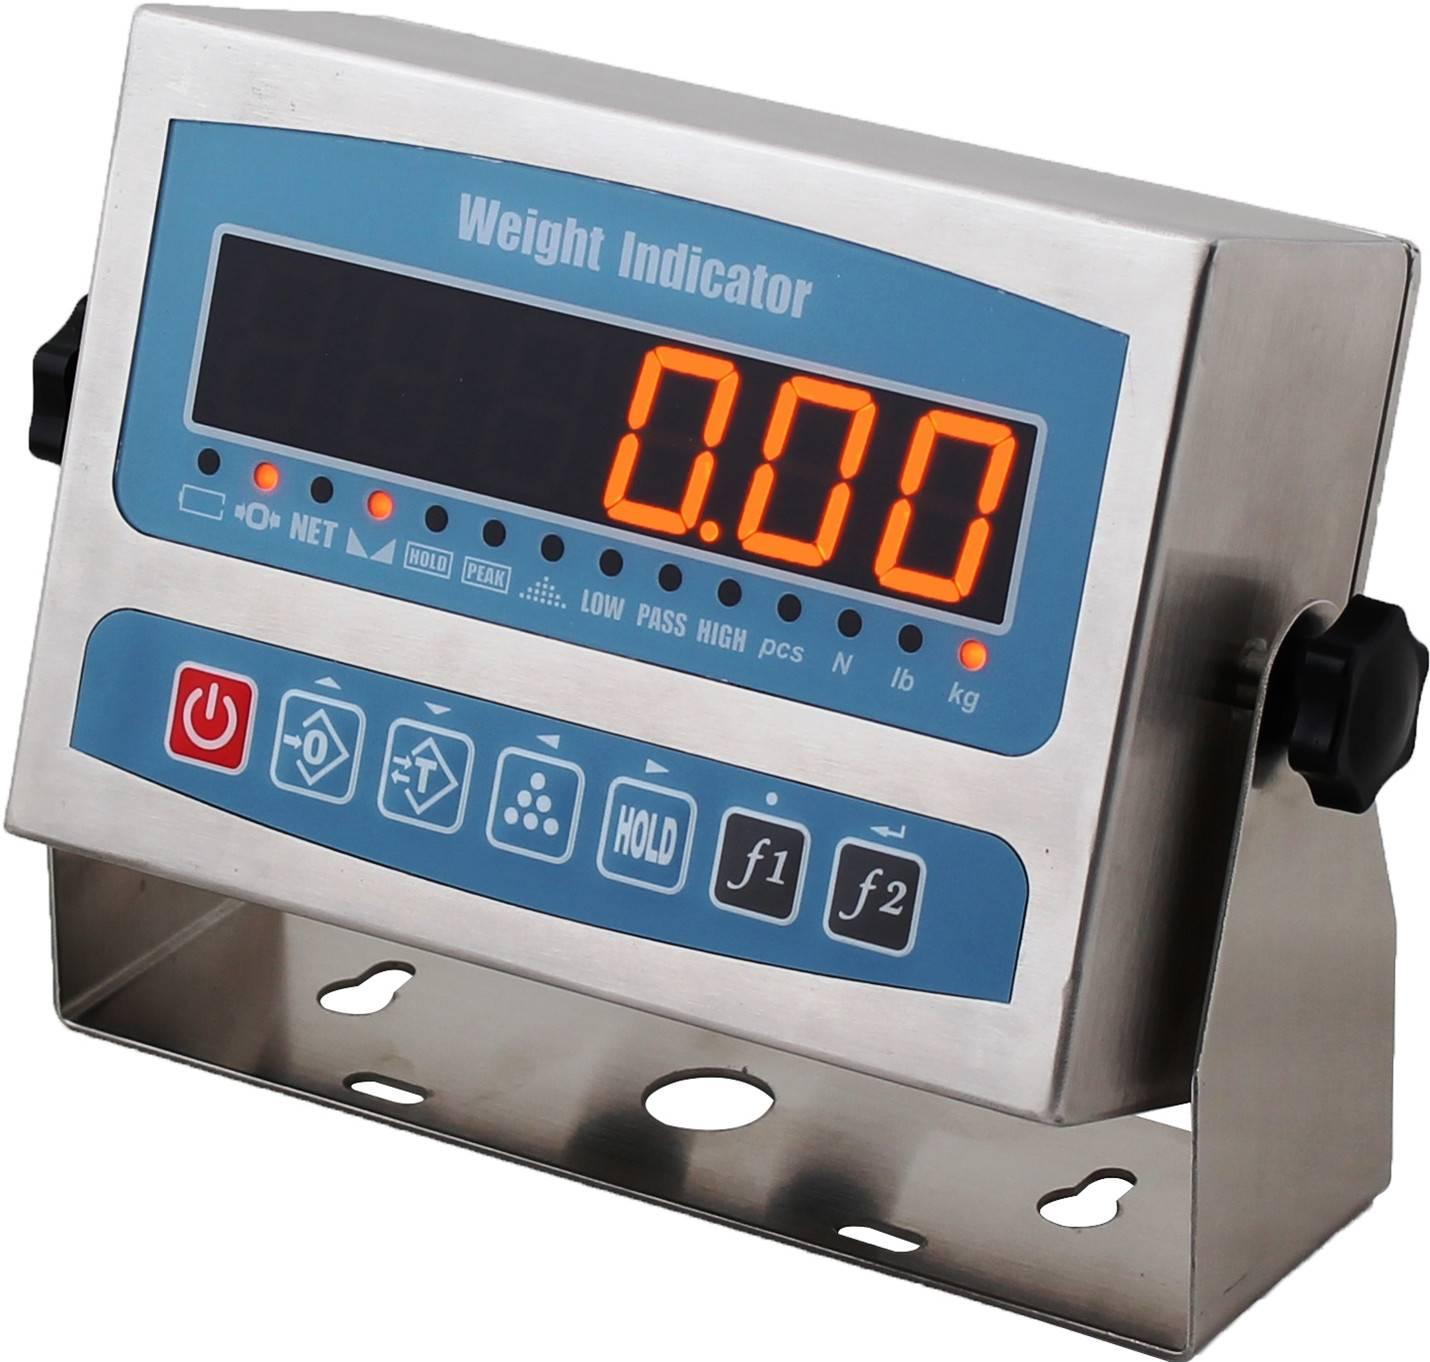 Waterproof Stainless Steel Weighing Indicator HF22